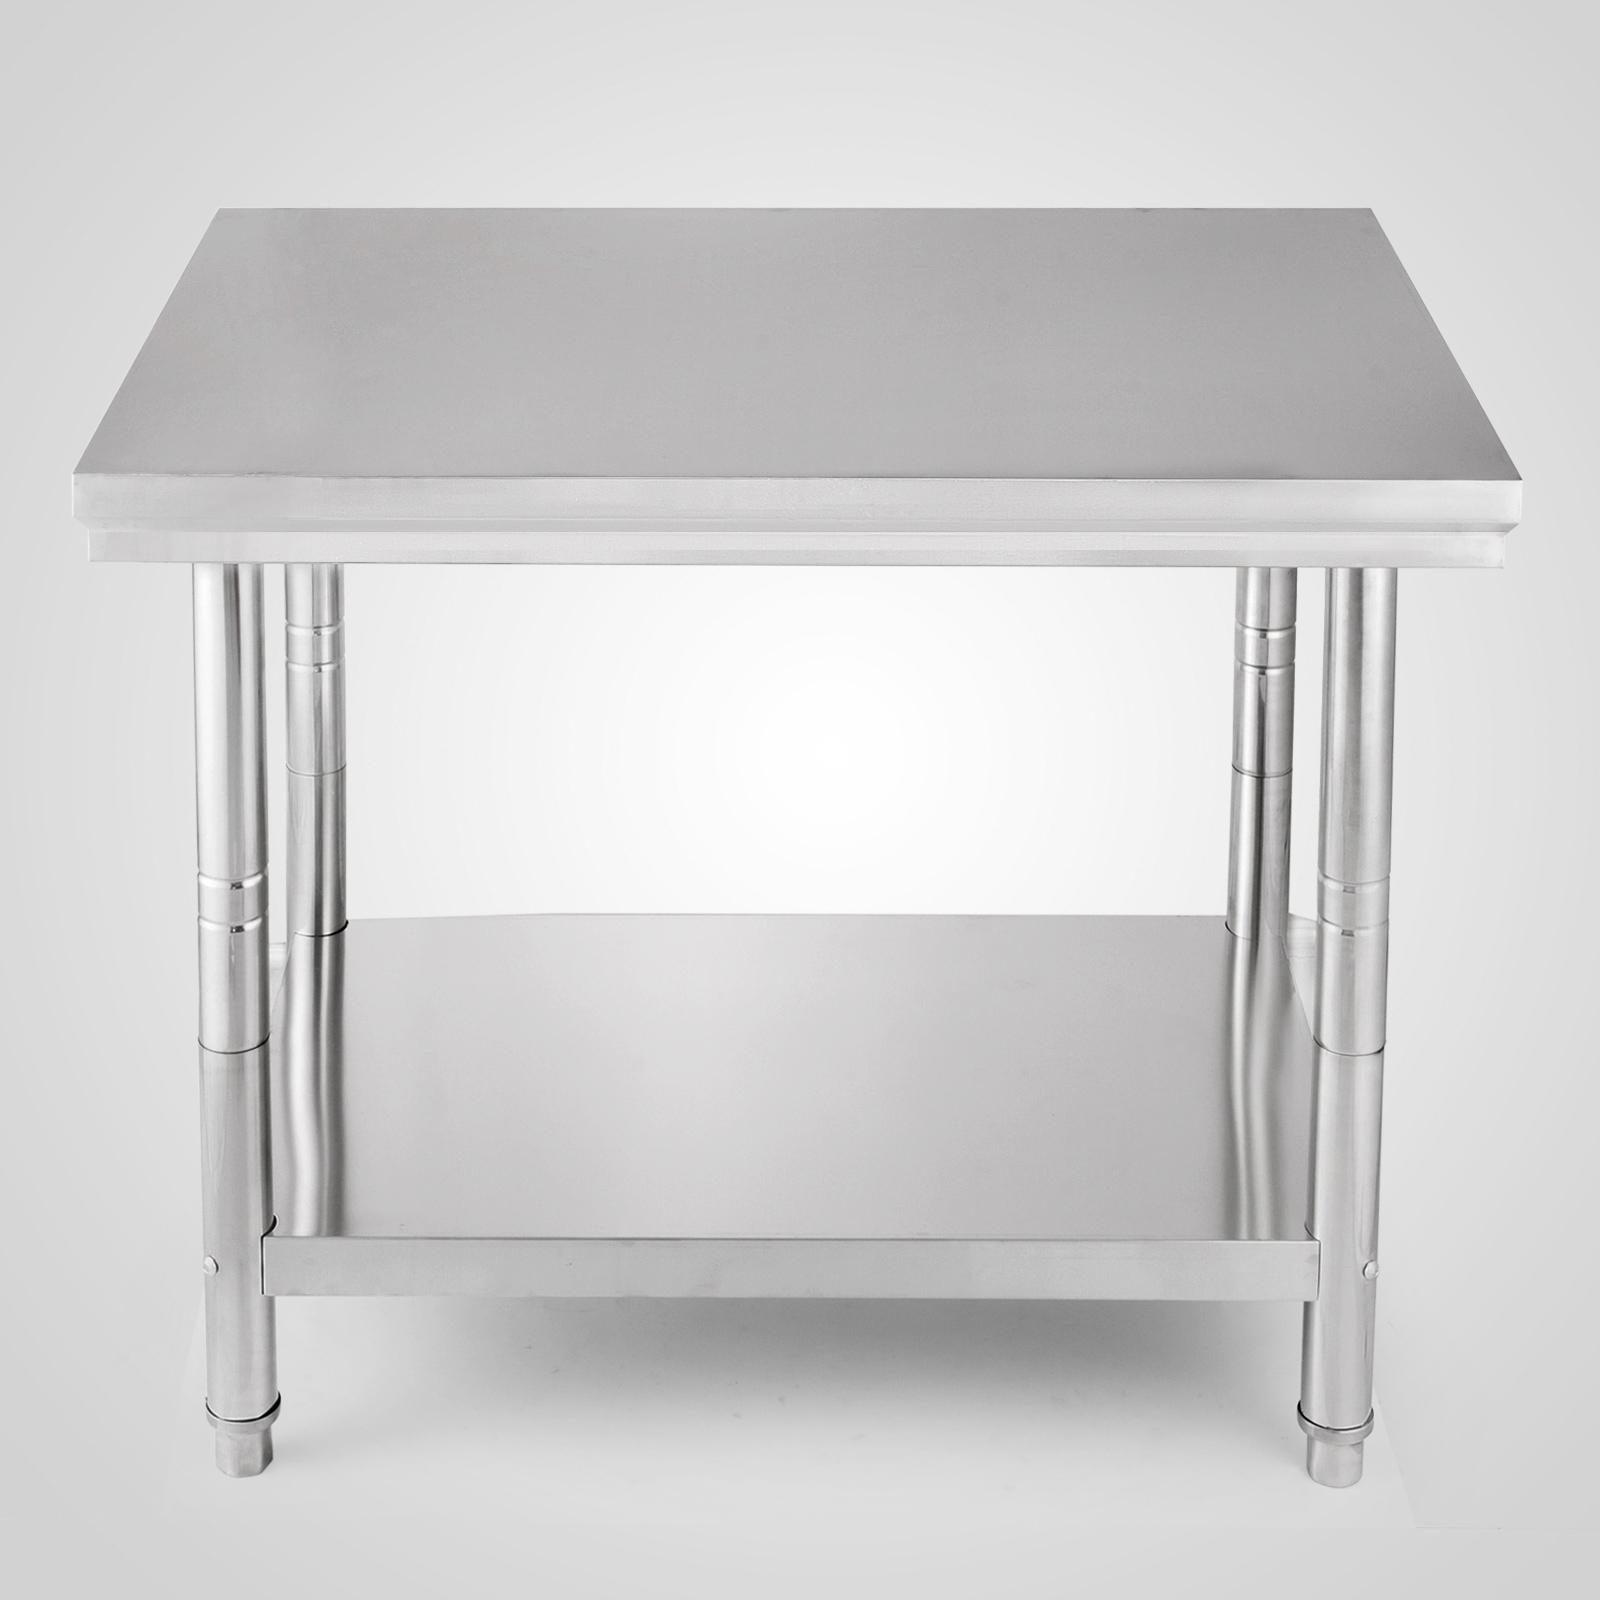 80cm hauteur table de travail inox table de cuisine for Hauteur de table de cuisine